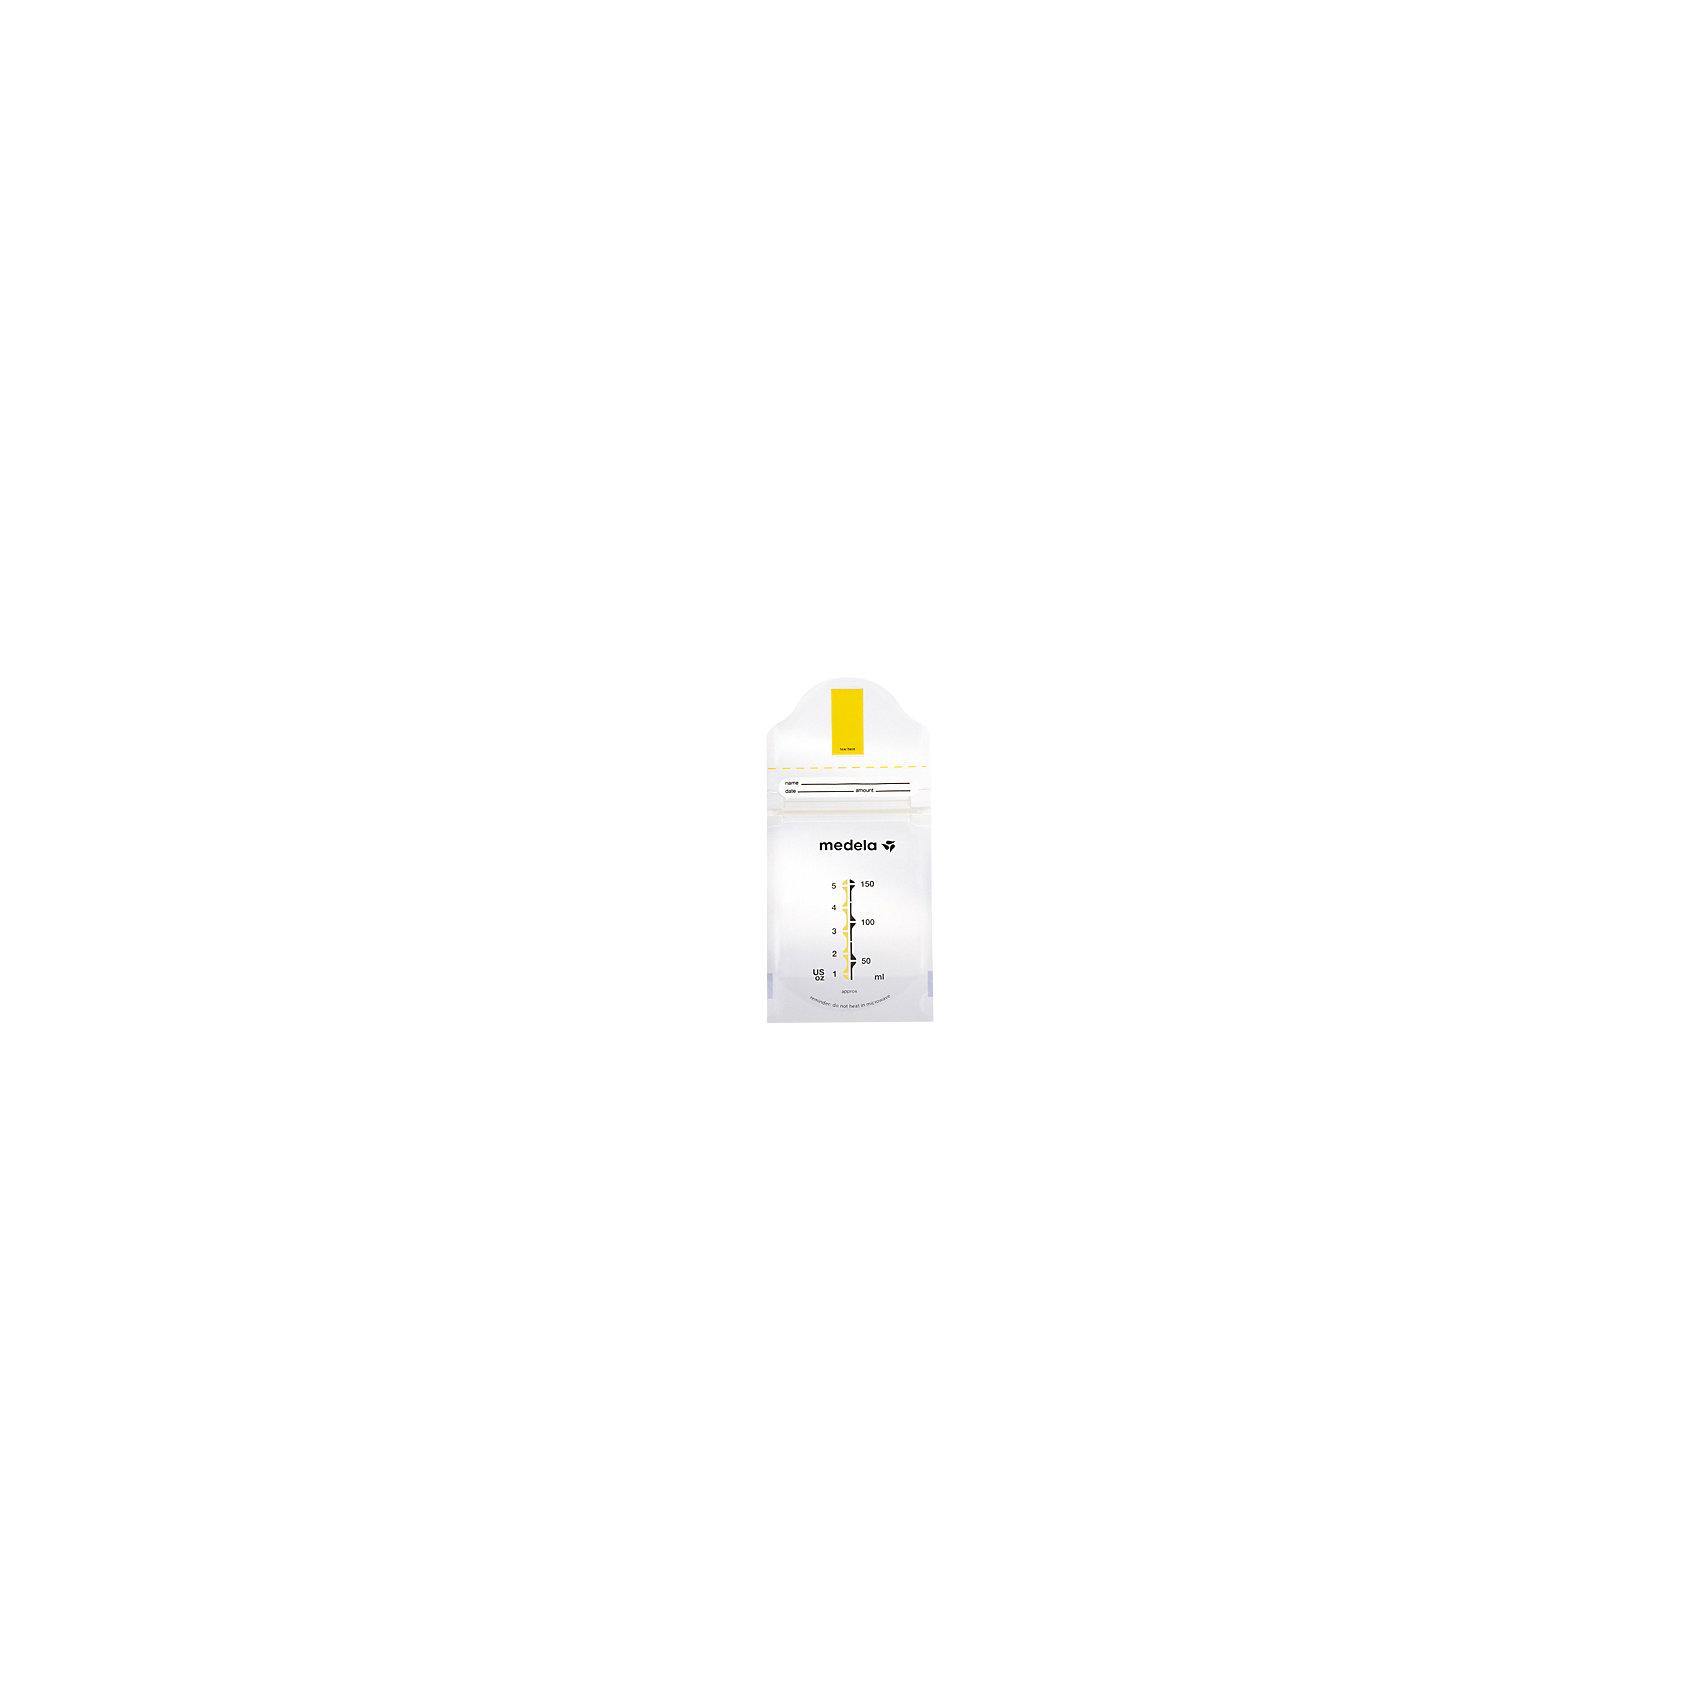 Пакеты одноразовые Pump &amp; Save для сбора и хранения грудного молока 20шт., MedelaДетская бытовая техника<br>Используются для хранения дополнительных порций молока в домашних и больничных условиях. Стерильны, уникальная самоклеящаяся лента,  позволяет сцеживать молоко непосредственно в пакет, надежно фиксируя его в воронке молокоотсоса.  Застежка-молния предотвращает протекание молока, а также является барьером для воздуха и влаги, что обеспечивает оптимальную защиту питательных веществ. Пакеты имеют область для маркировки. Занимают в холодильнике меньшее место по сравнению с контейнерами (бутылочками). <br><br>Дополнительная информация:<br><br>- Размер упаковки: 11 x 11,5 x 4,5 см.<br>- Материал: полиэстер, полиэтилен.<br>- Самоклеящаяся лента.<br>- Застежка-молния, устойчивое дно. <br>- Комплектация: 20 одноразовых пакетов. <br><br>Пакеты одноразовые Pump &amp; Save для сбора и хранения грудного молока 20шт., Medela (Медела) можно купить в нашем магазине.<br><br>Ширина мм: 118<br>Глубина мм: 110<br>Высота мм: 46<br>Вес г: 114<br>Возраст от месяцев: -2147483648<br>Возраст до месяцев: 2147483647<br>Пол: Унисекс<br>Возраст: Детский<br>SKU: 3937717